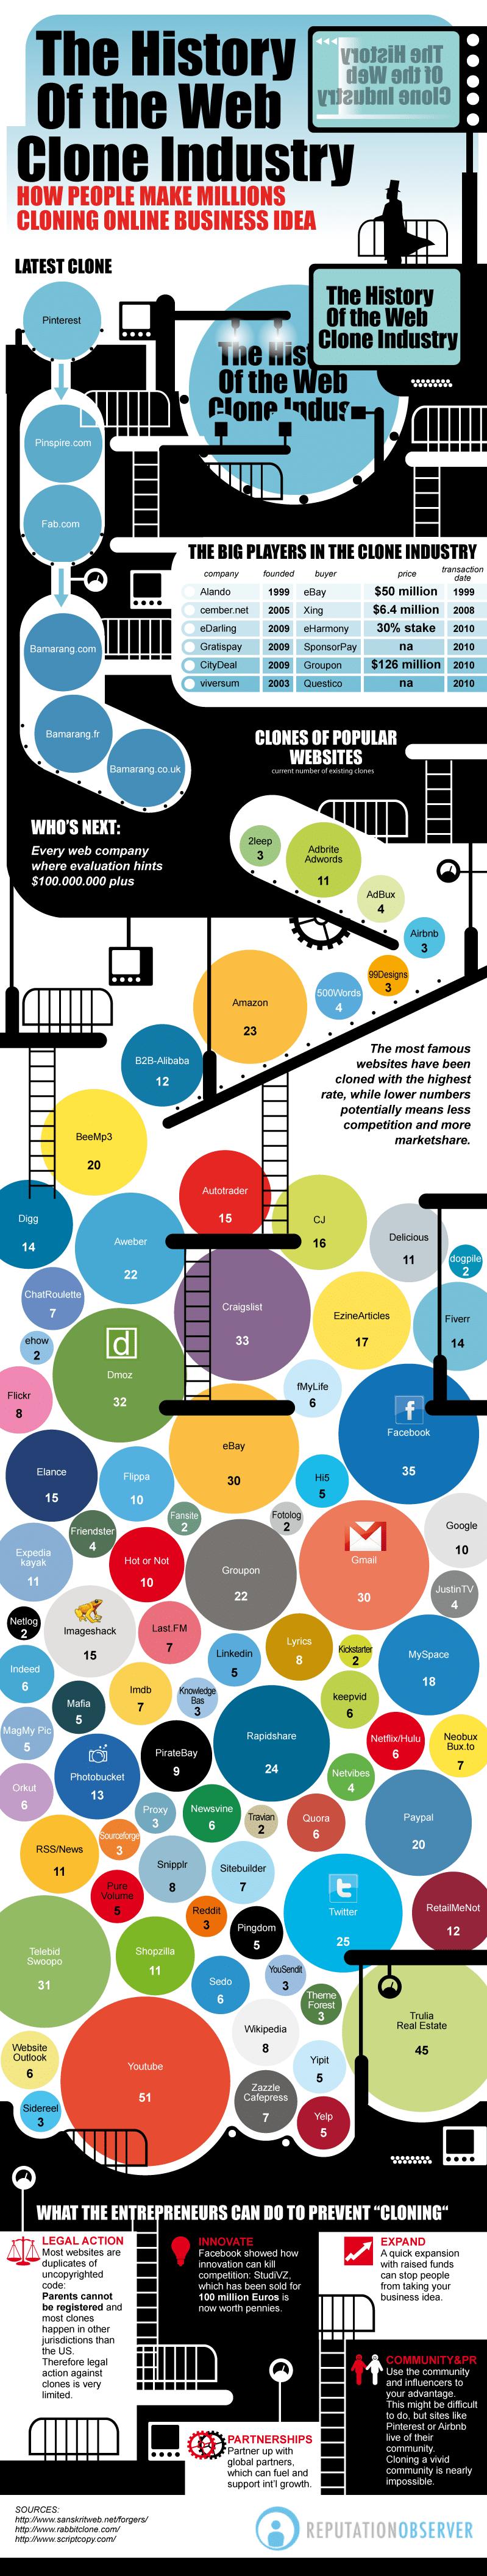 Online Clones Cash In On Popular Websites [Infographic]